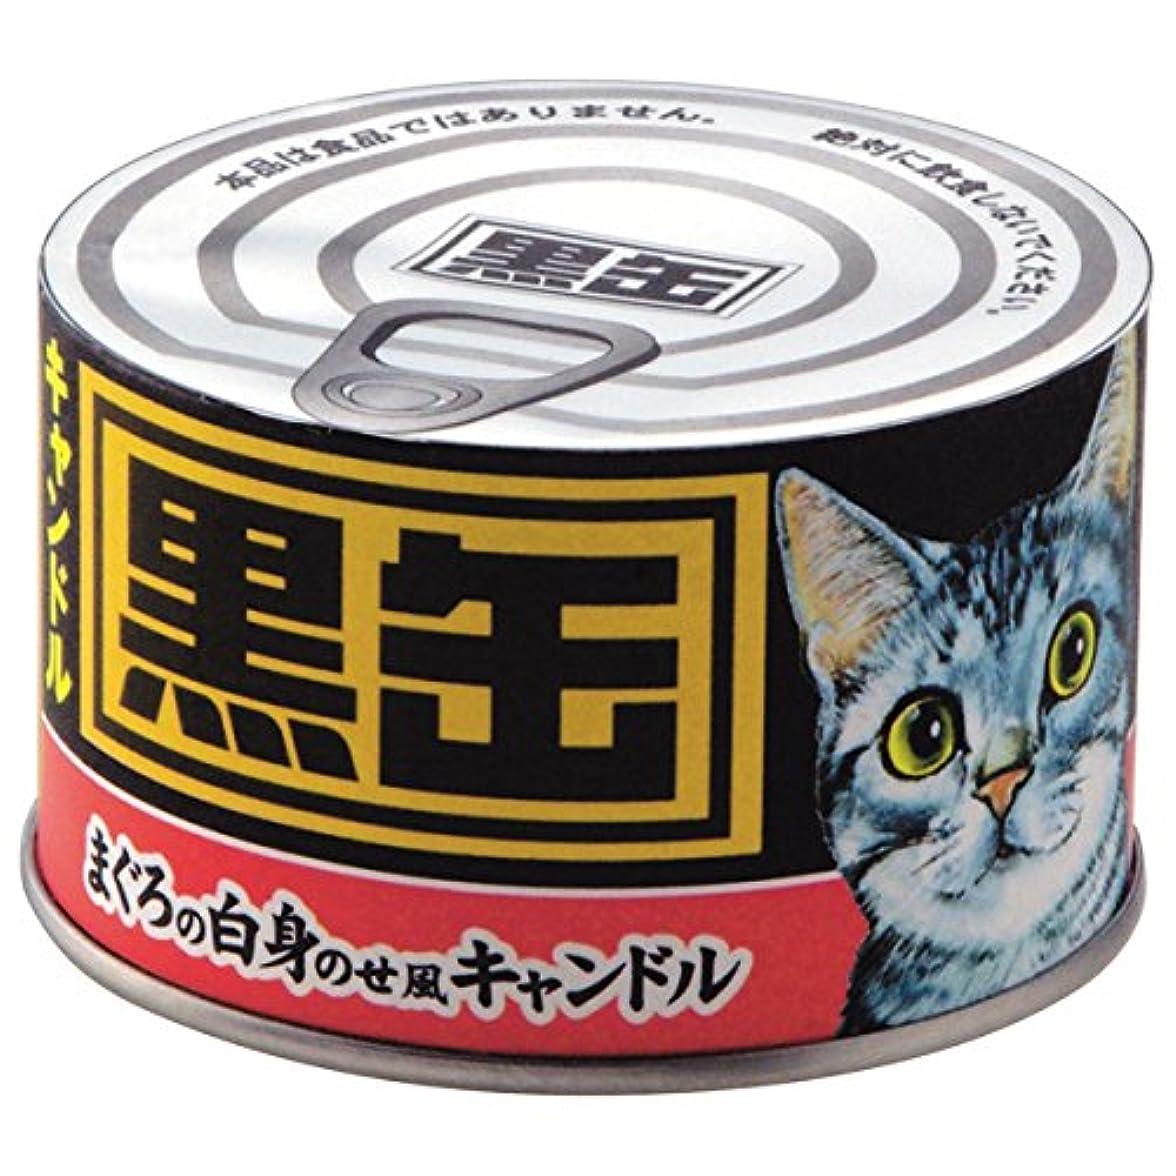 疑い正午クロールカメヤマ黒缶キャンドル